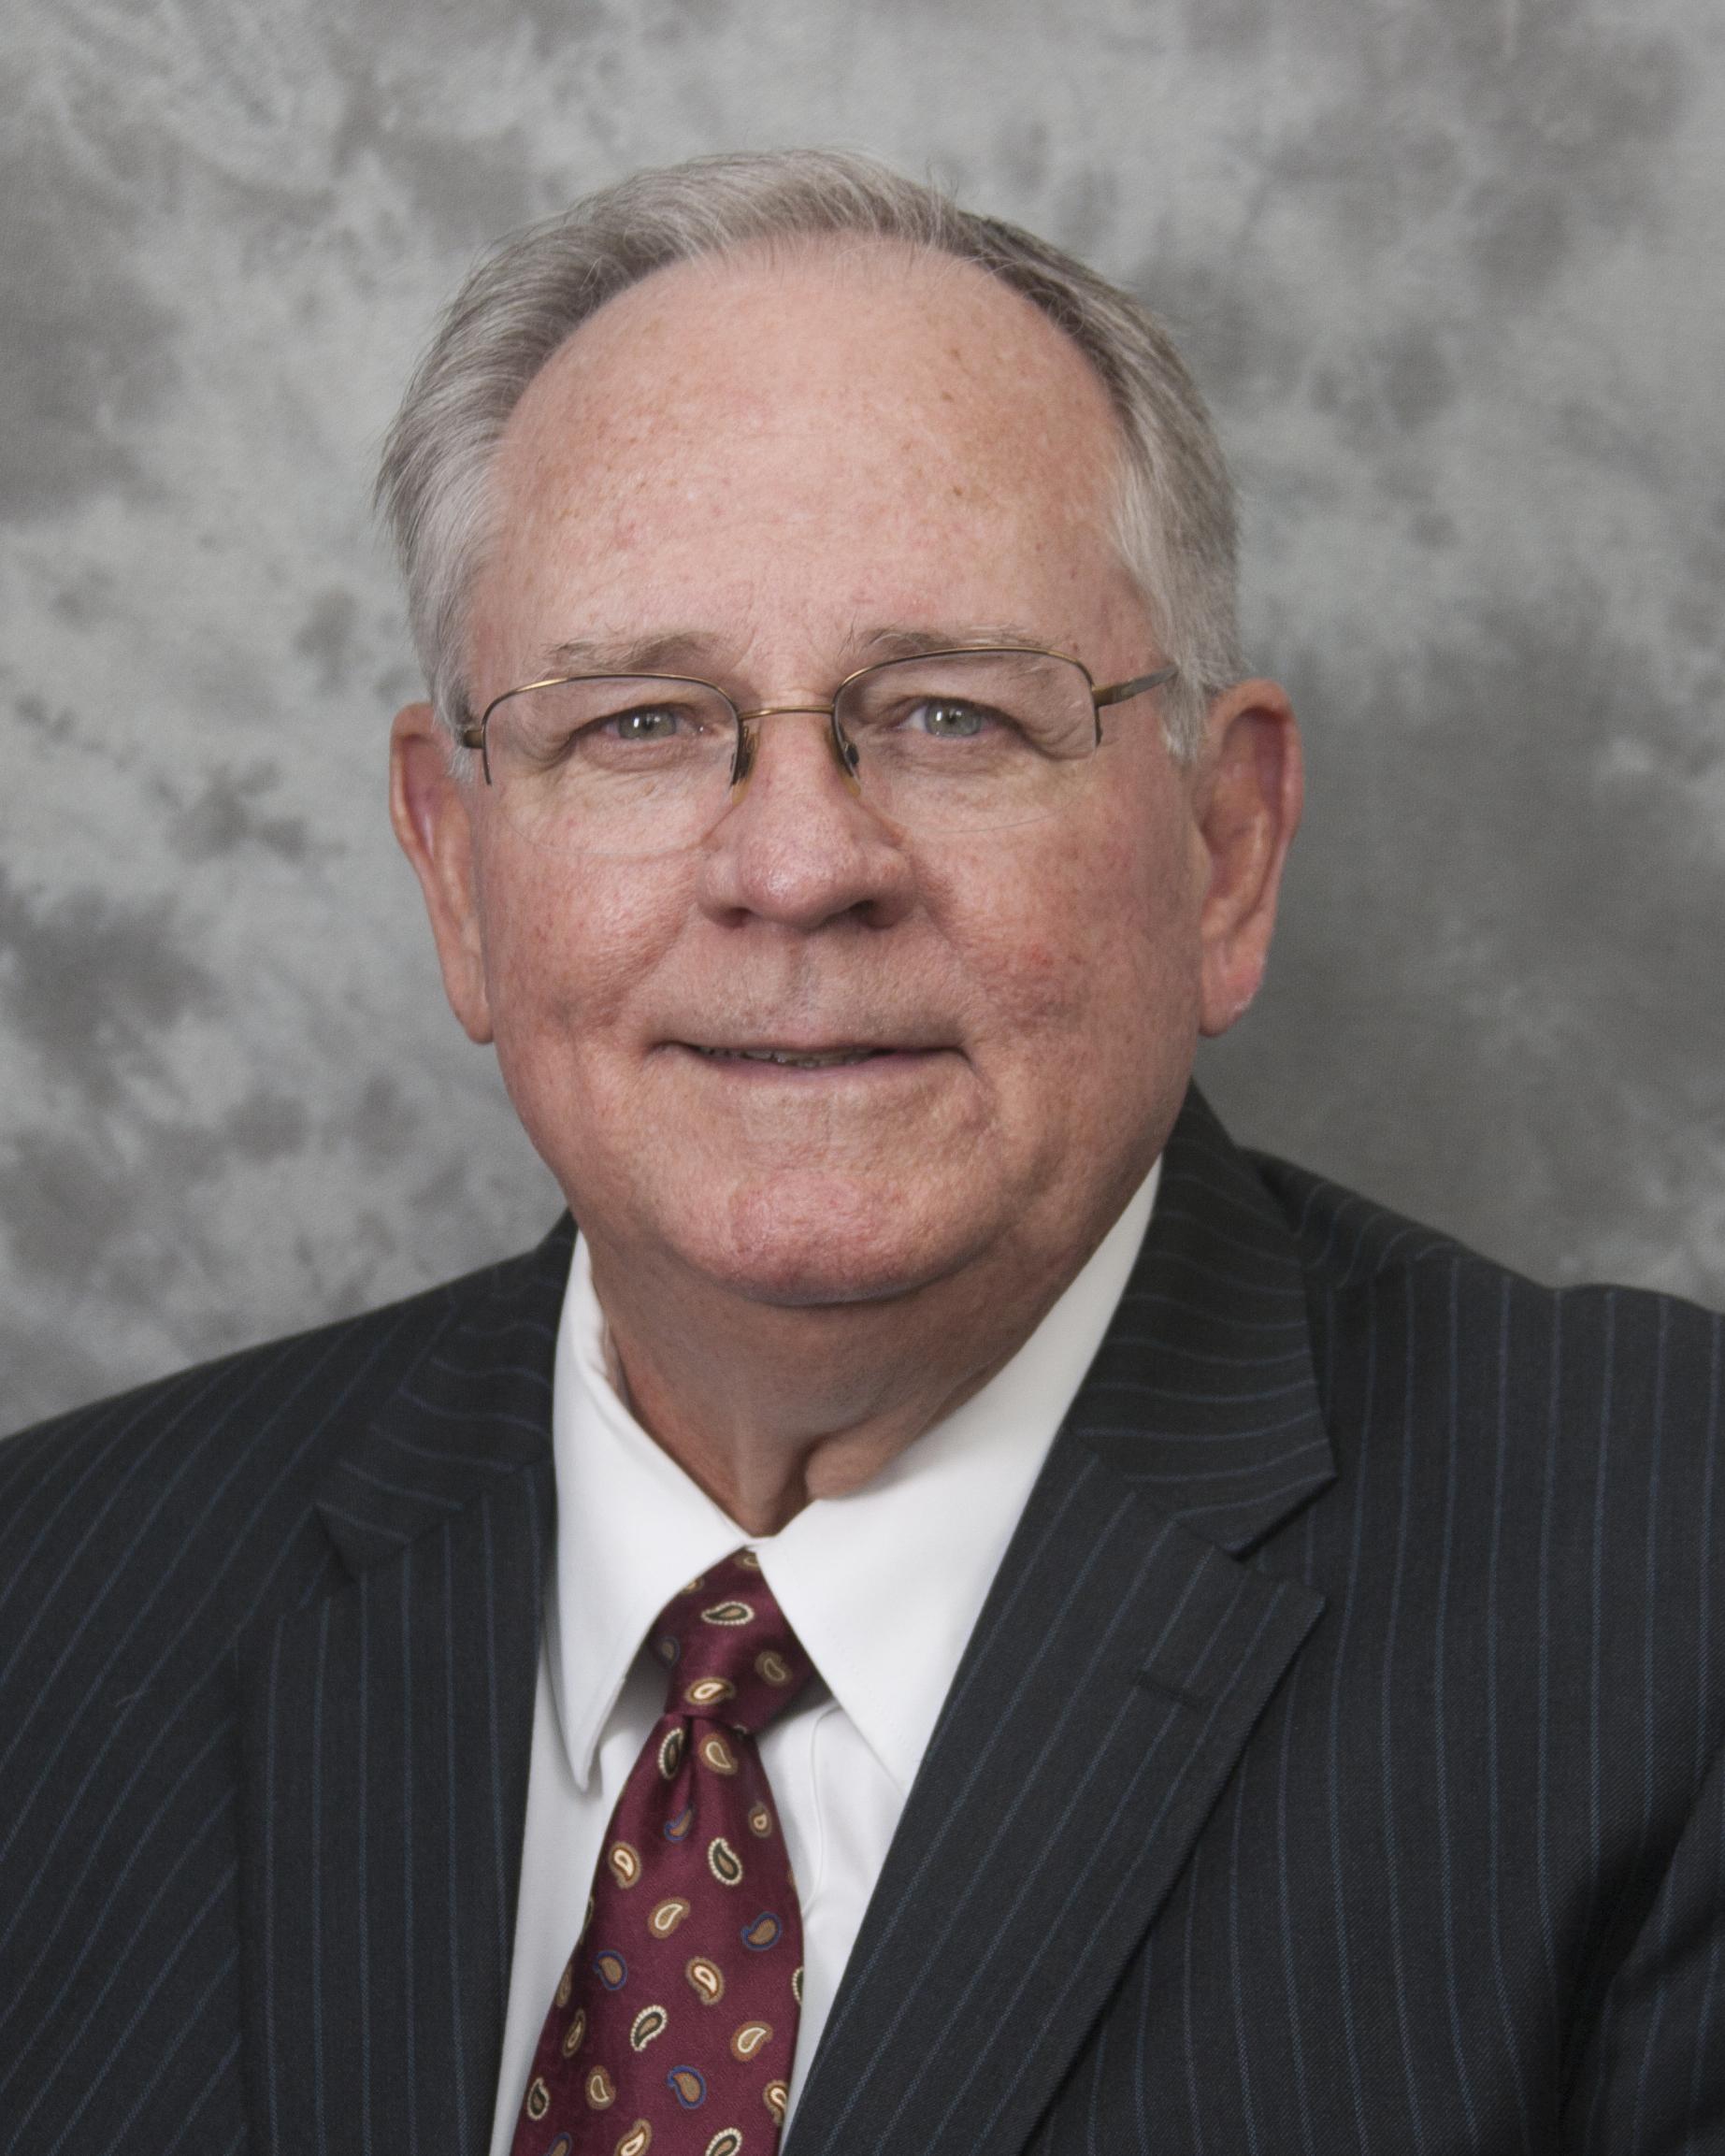 Robert E. Madding, Jasper County